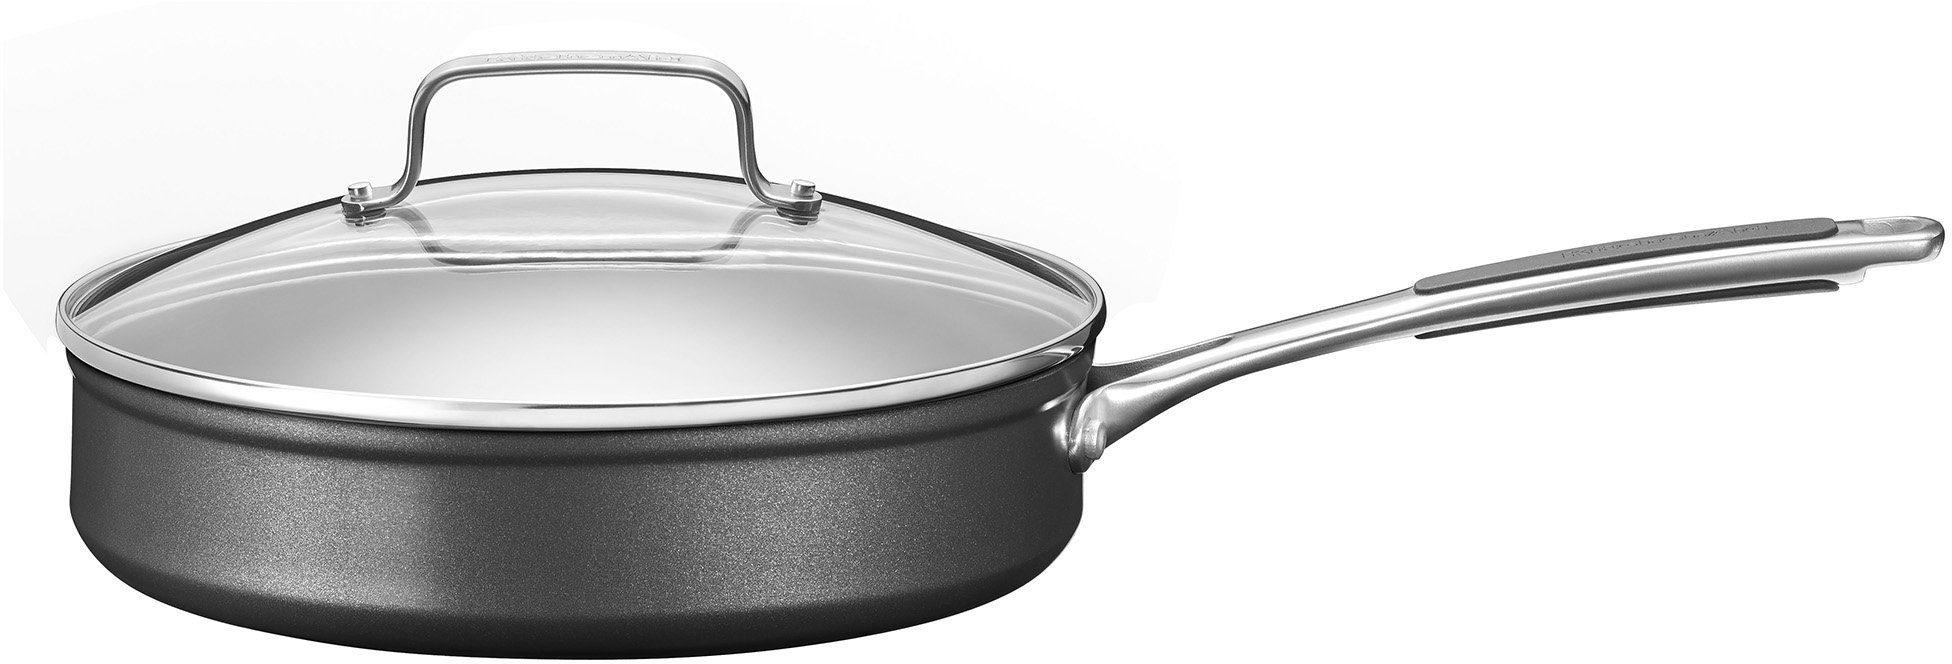 KitchenAid Stielkasserolle mit Deckel, Aluminium, Induktion